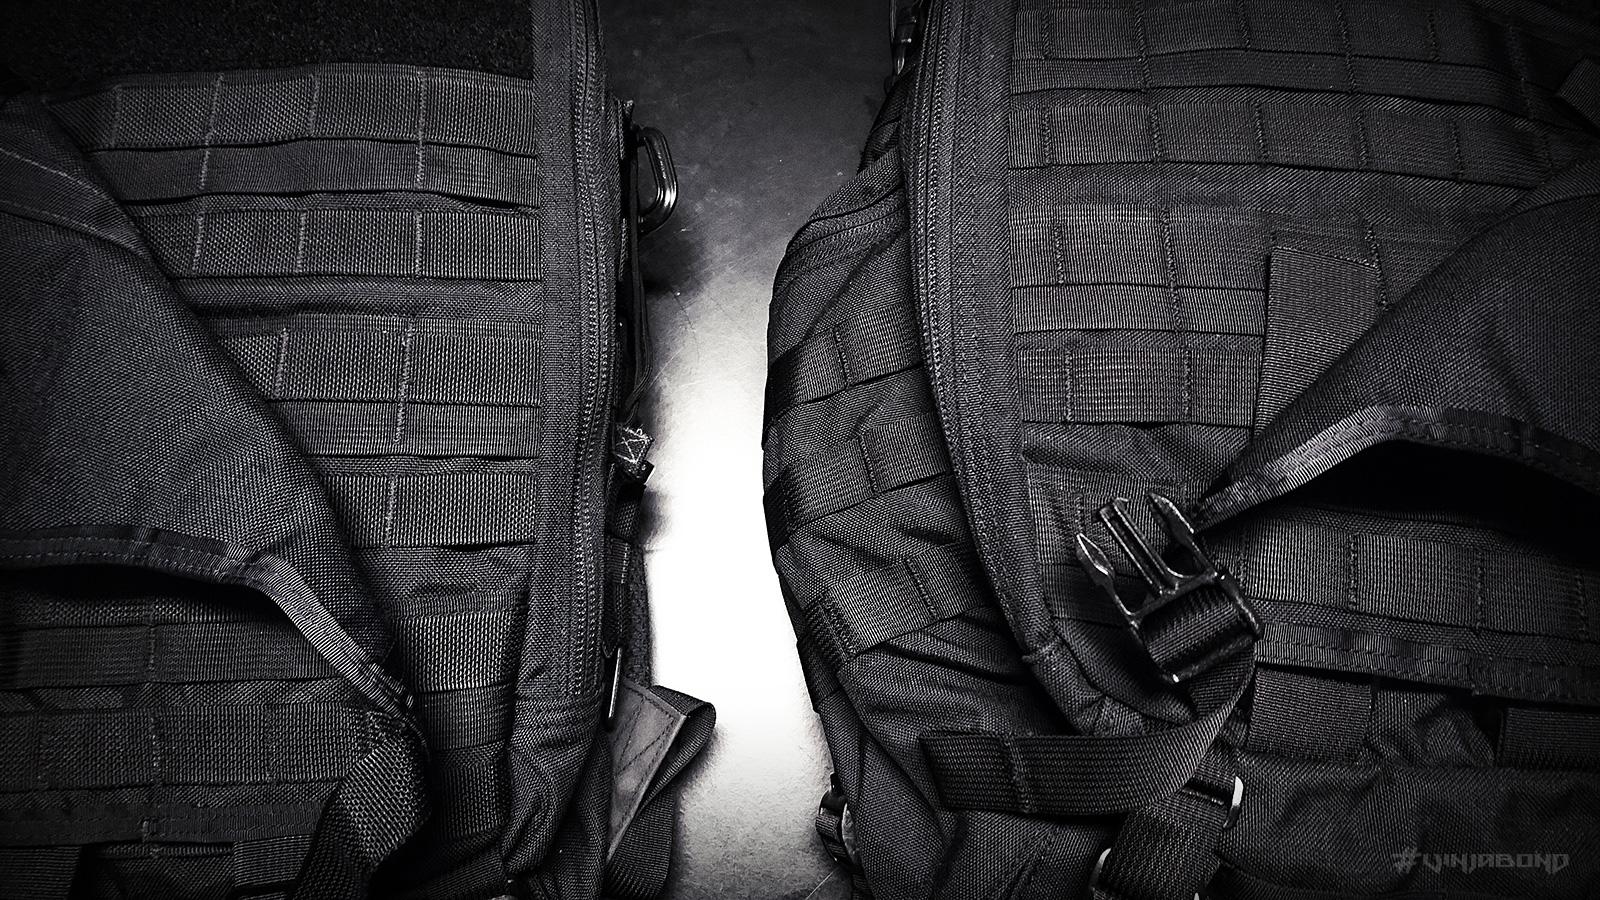 - FAST Pack Litespeed (L) vs. EDC Backpack (R) -